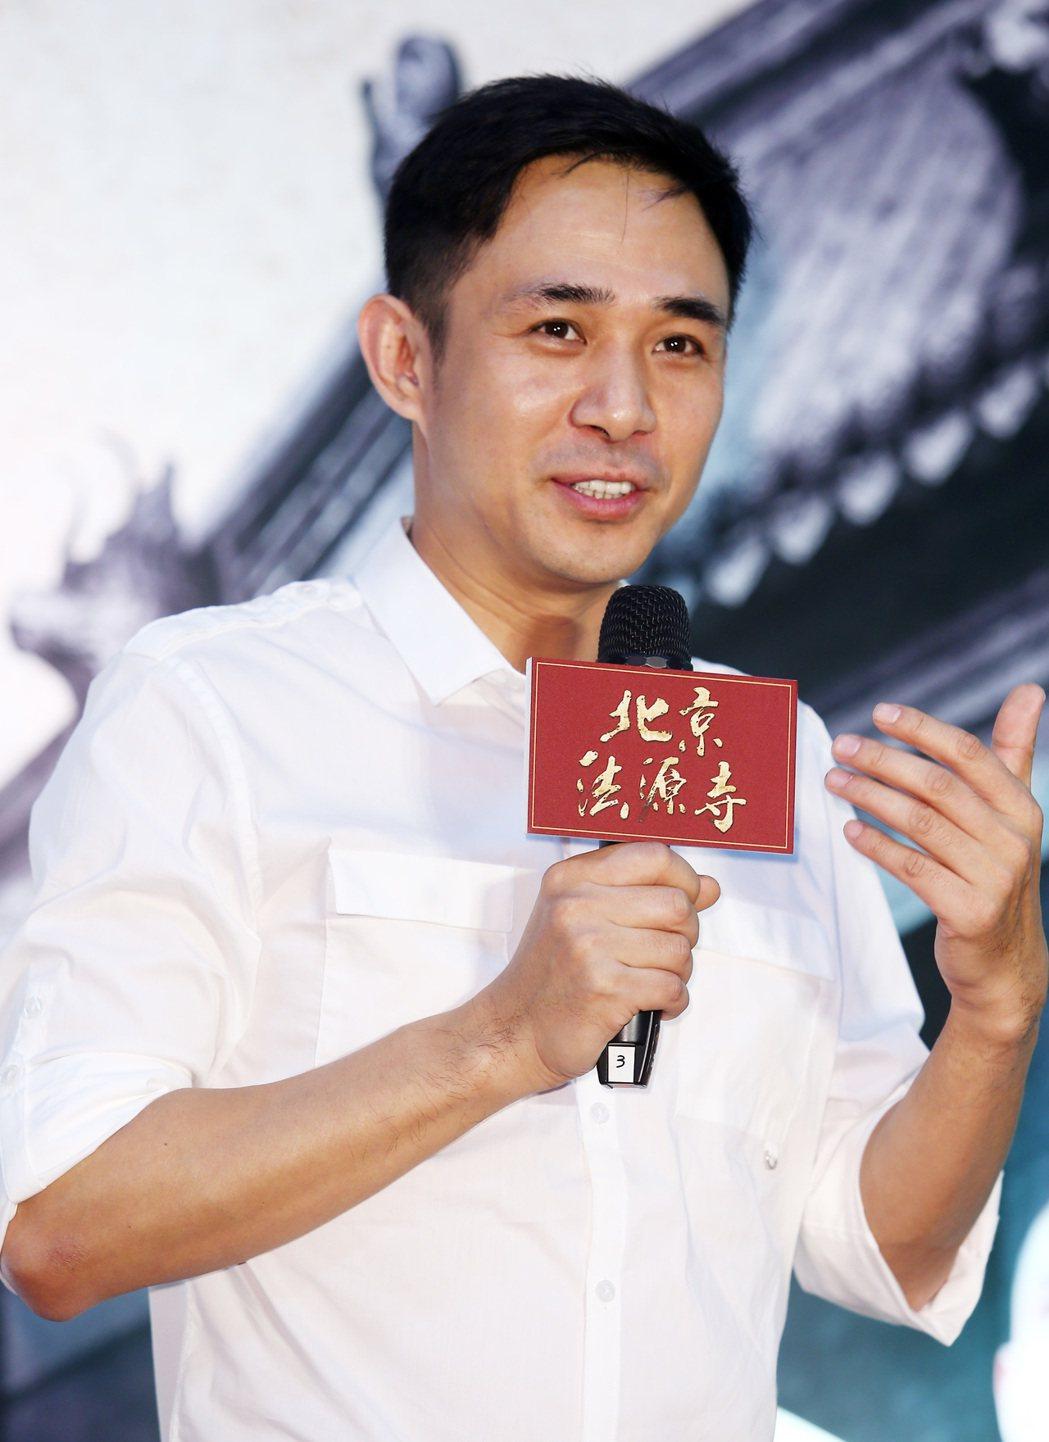 《北京法源寺》舞台劇主要演員,飾演譚嗣同的賈一平。記者杜建重/攝影